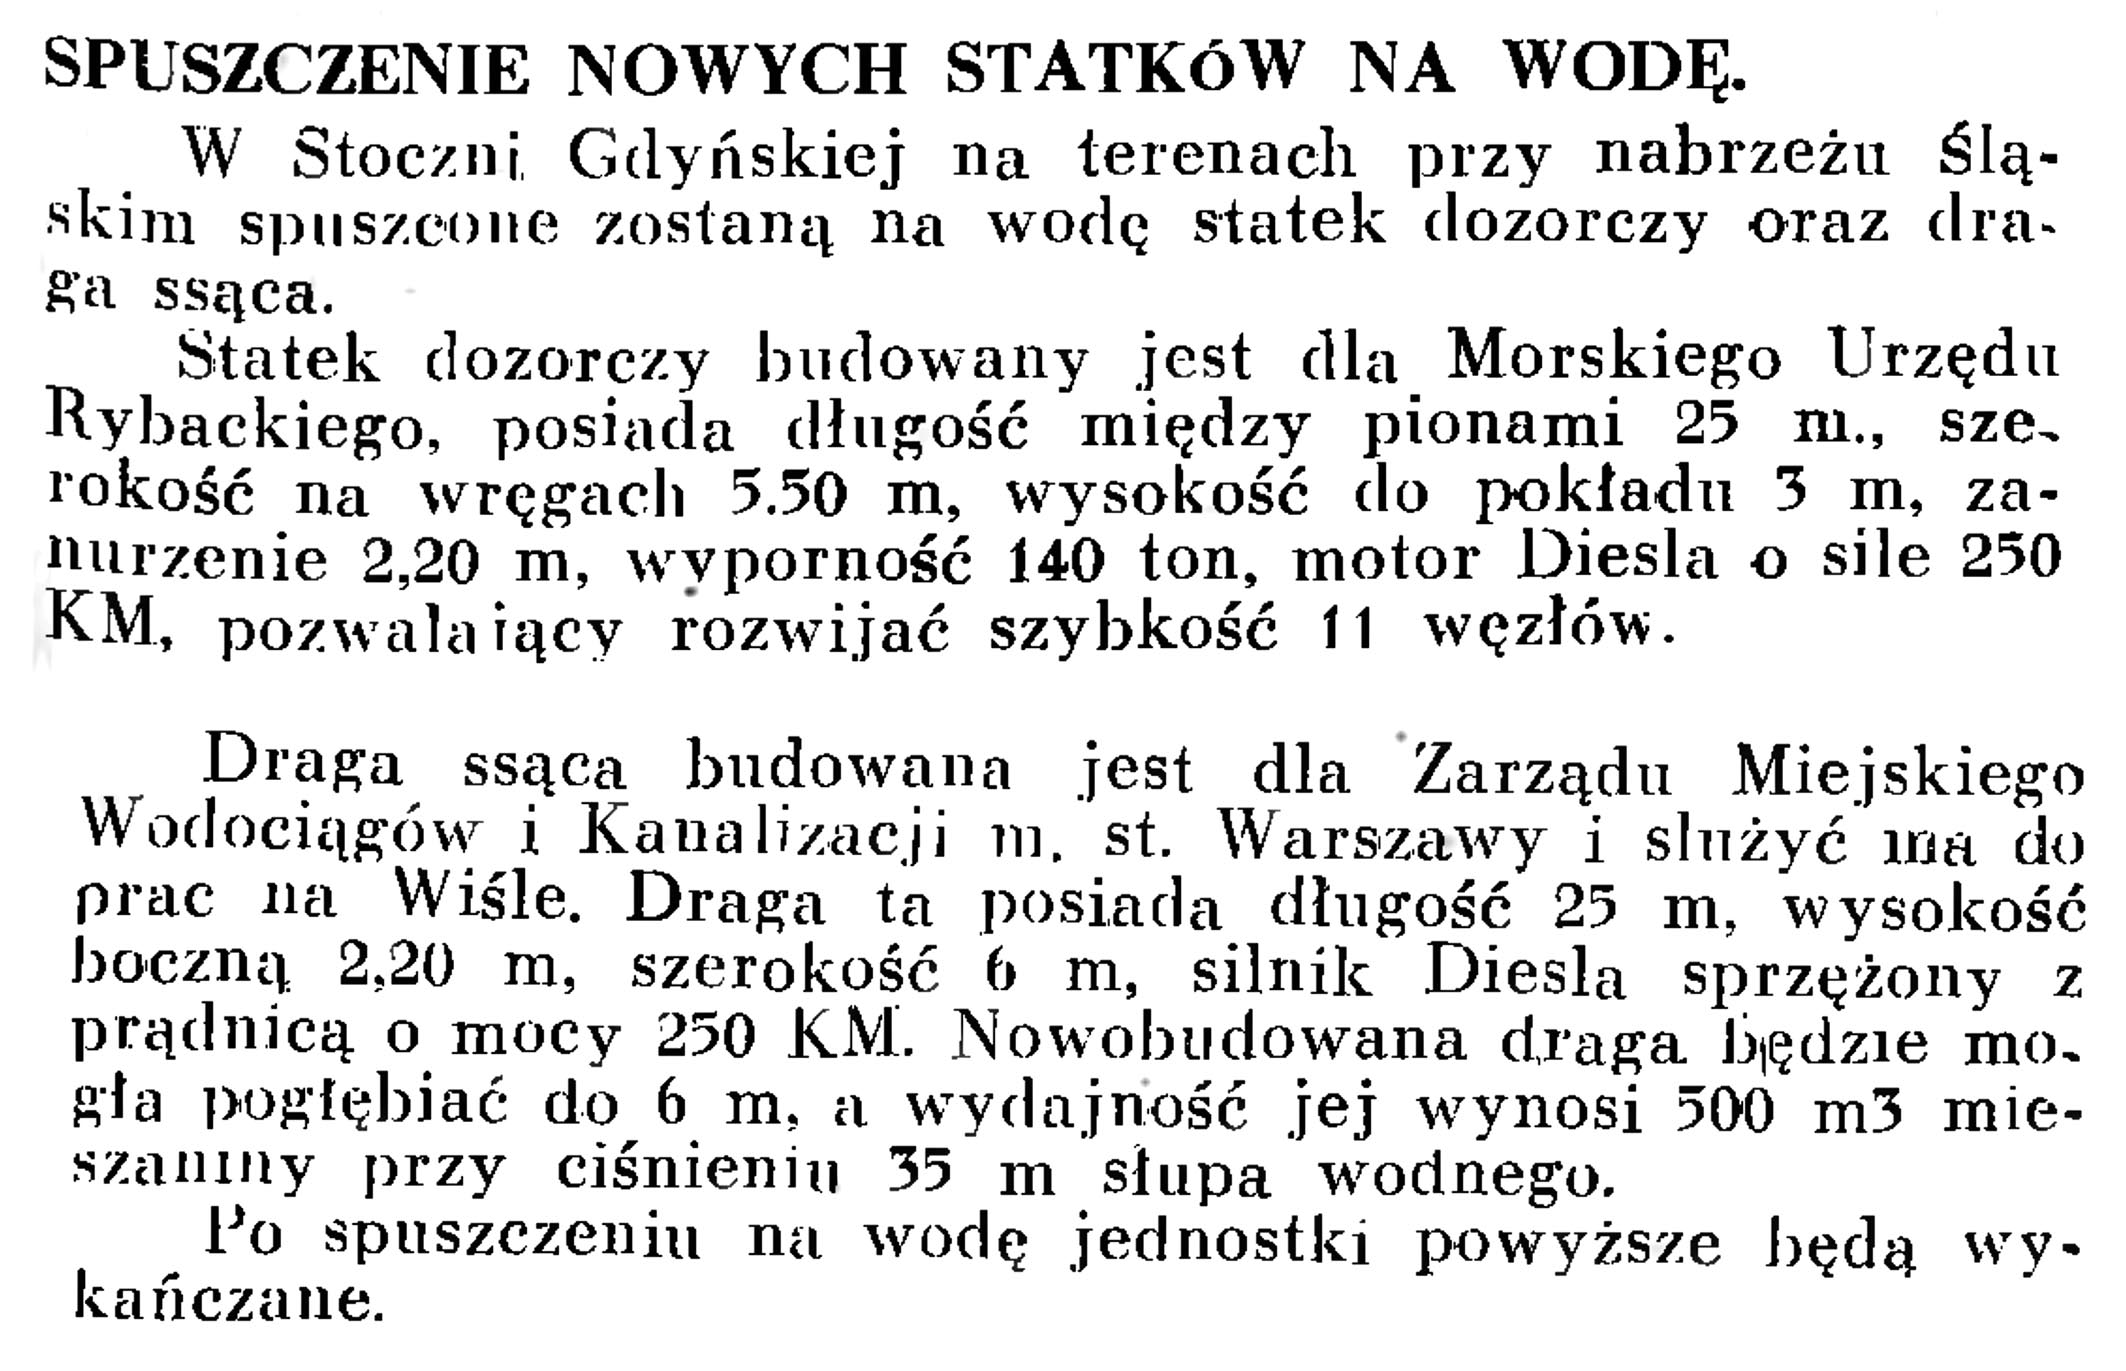 Spuszczenie nowych statków na wodę // Wiadomości Portowe. - 1939, nr 3, s. 15